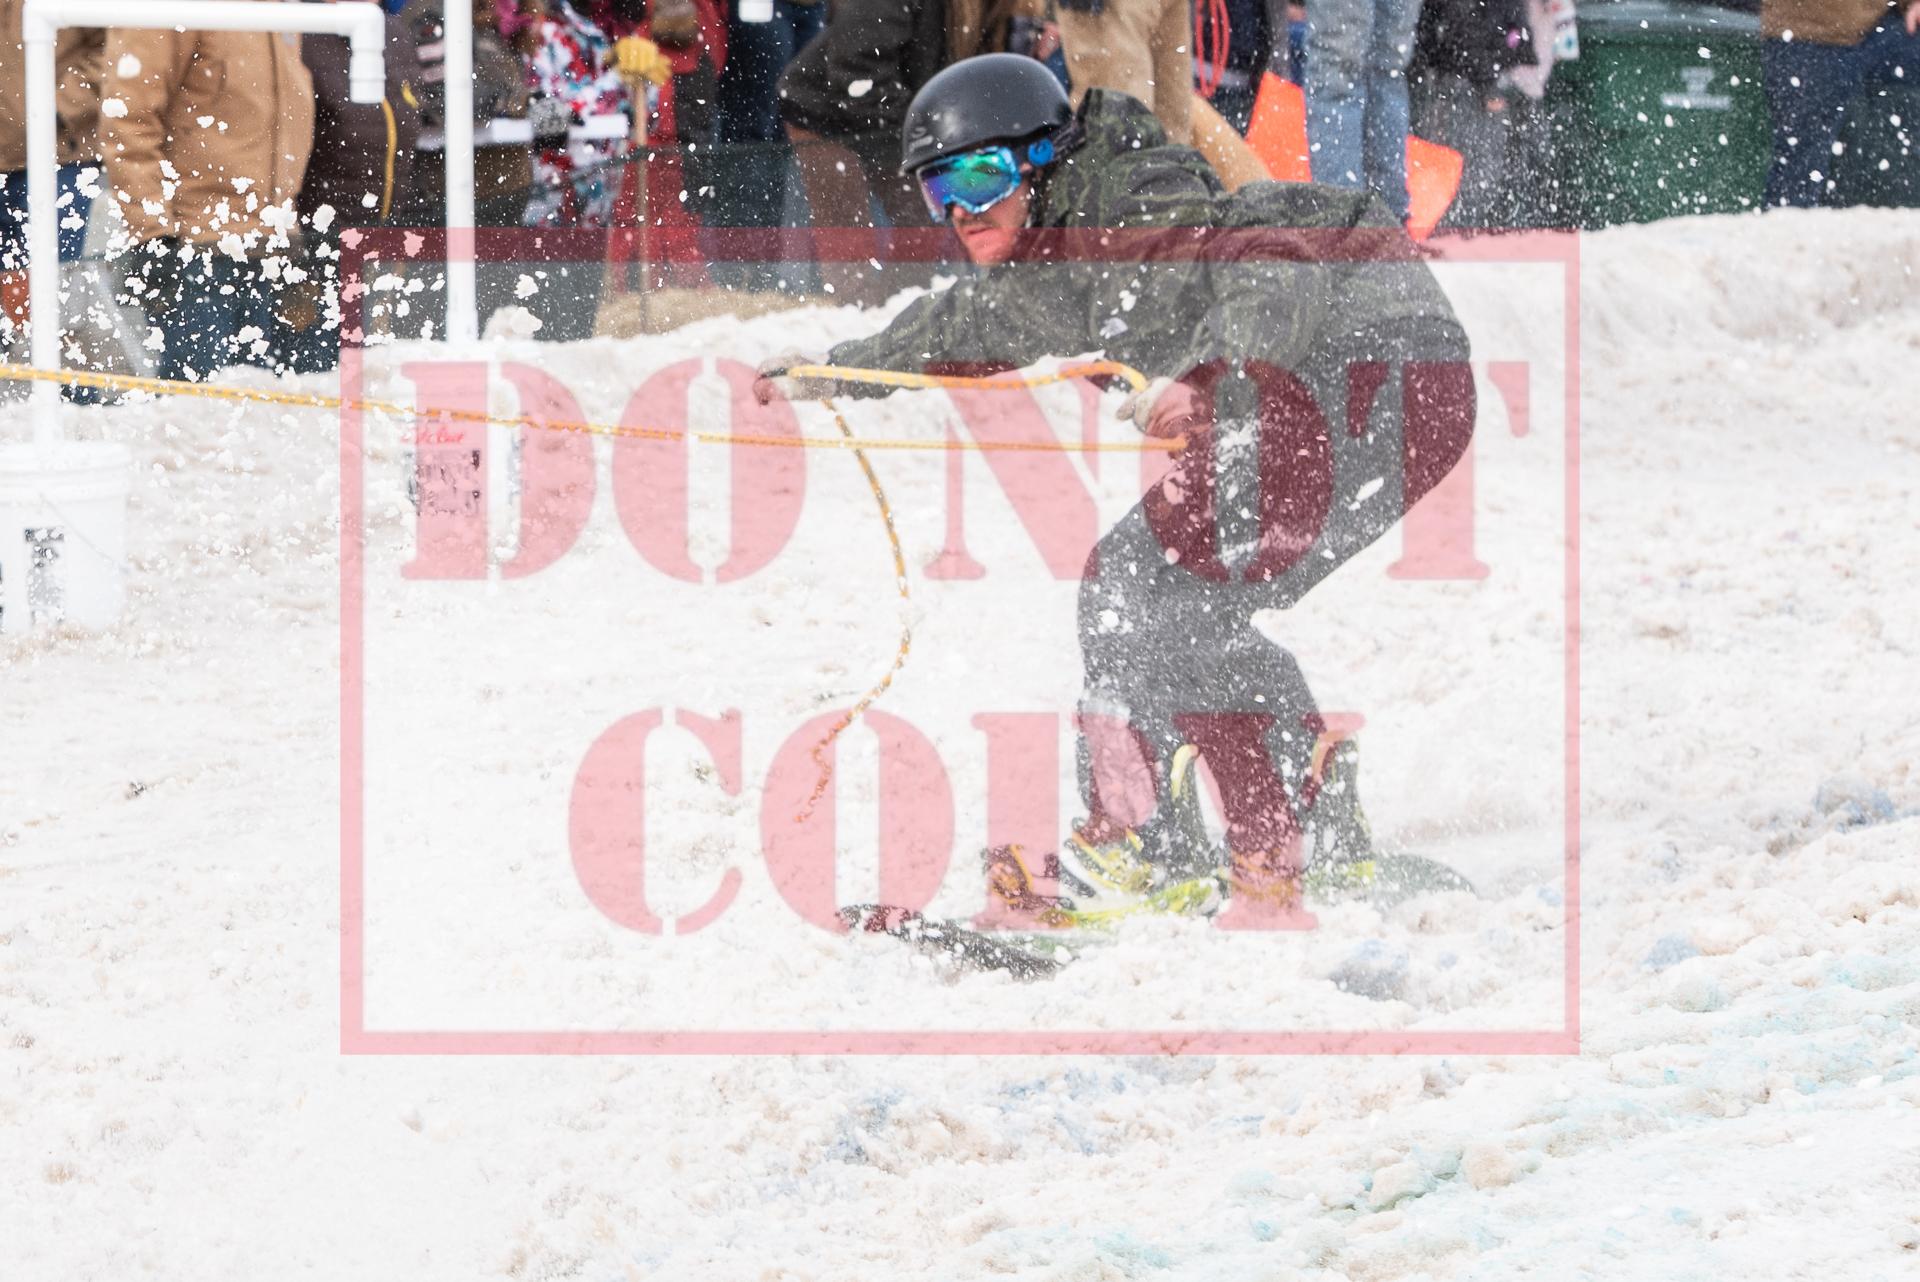 - Zane Huntley - Snowboard 6